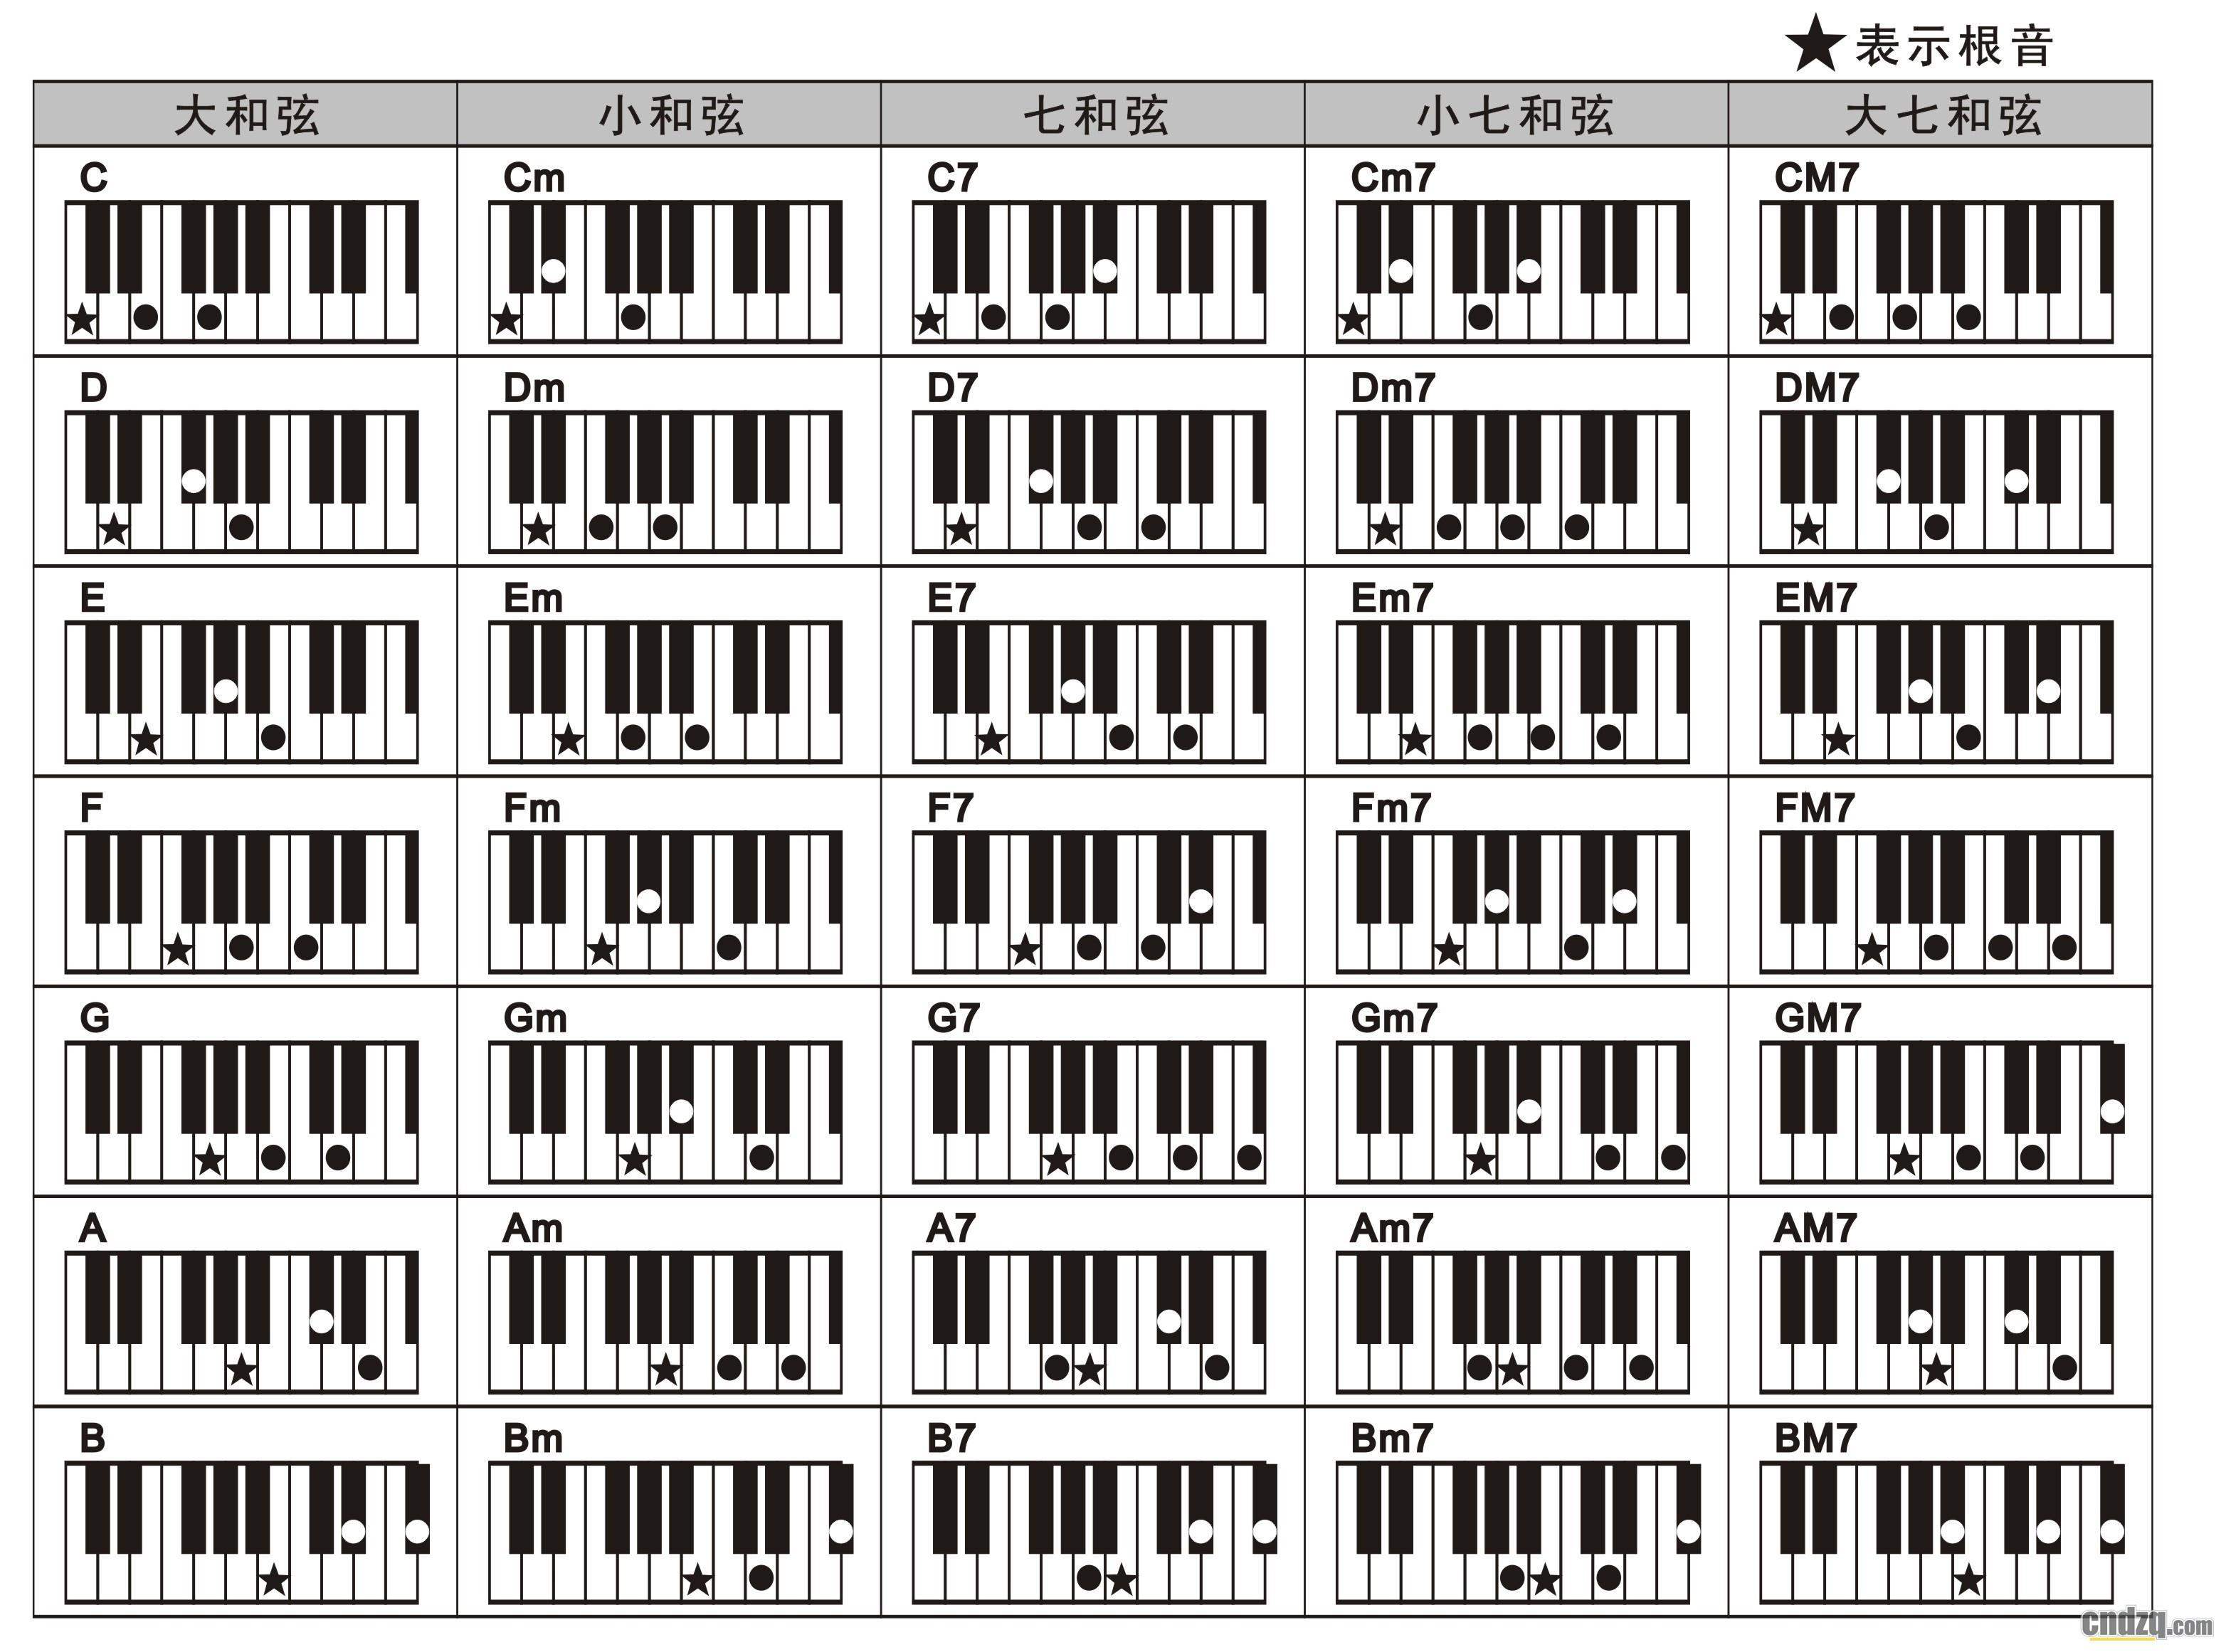 雅马哈琴和弦指法对照表-单排键电子琴学习区-中国琴